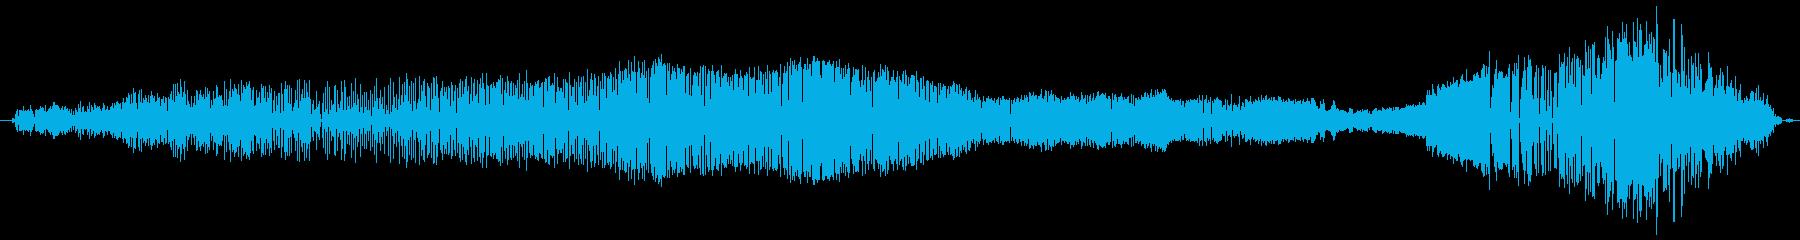 鳴き声 雄の吸うイサキ03の再生済みの波形